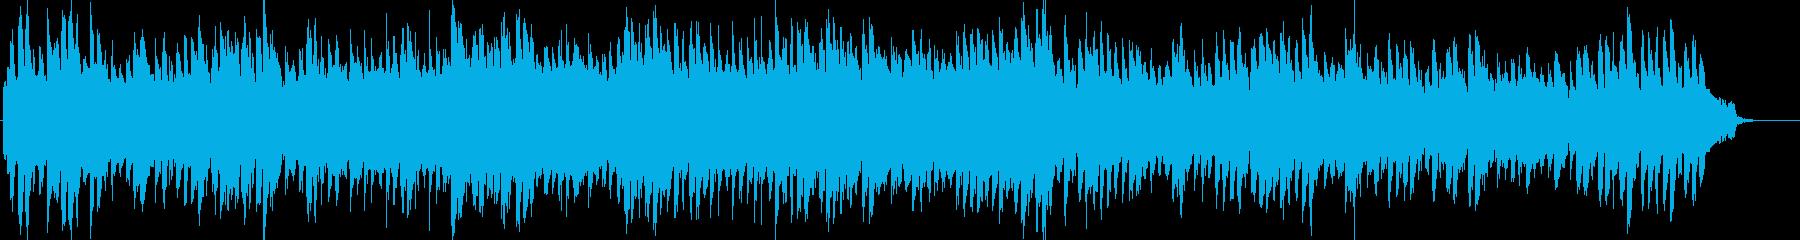 キュートでオーガニックな鍵盤と管弦ワルツの再生済みの波形